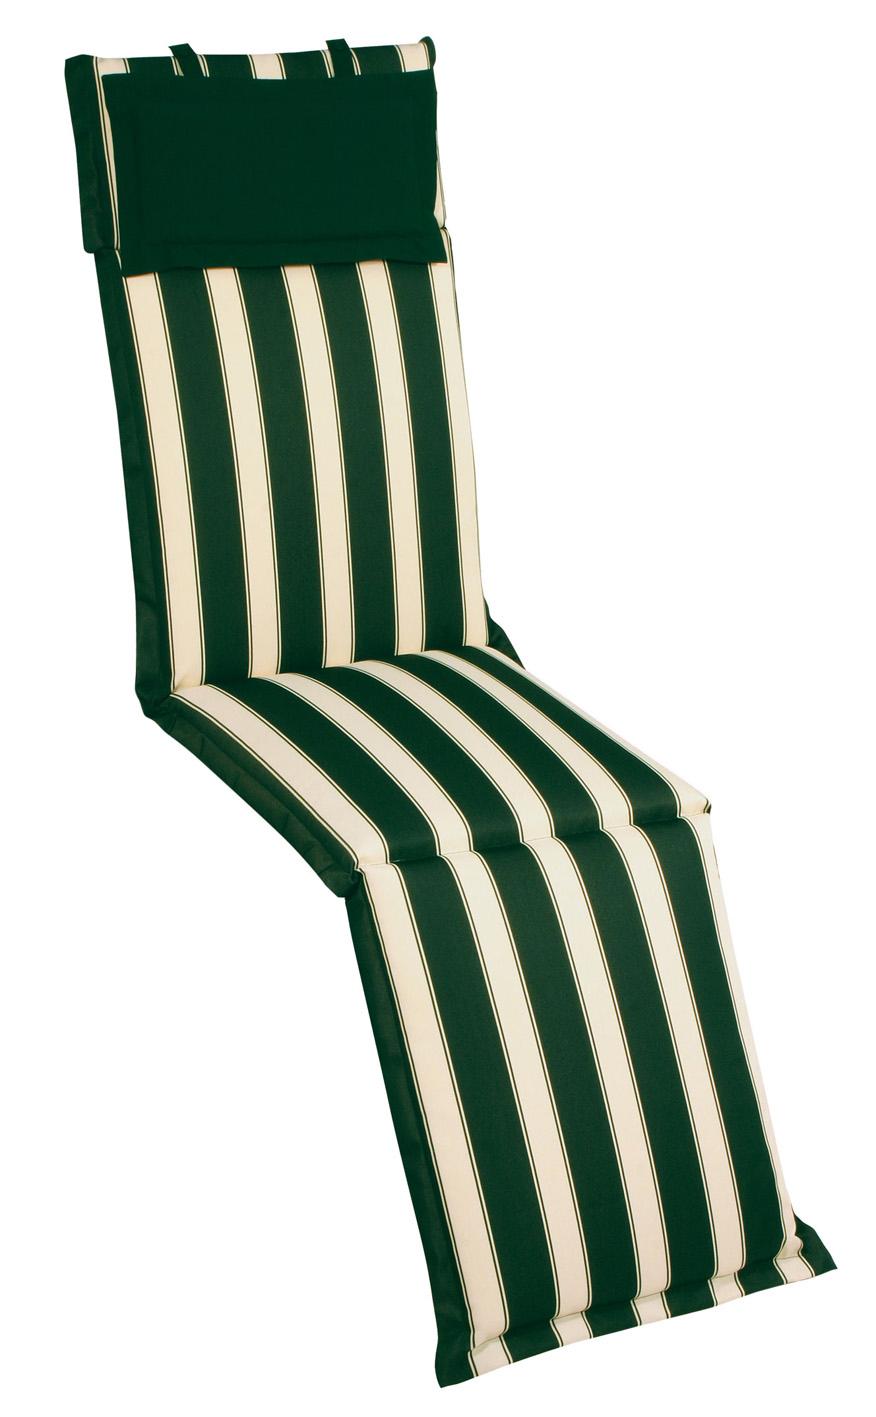 Cuscino per deckchair 184x46 cm con volant RIGHE E RIGHE